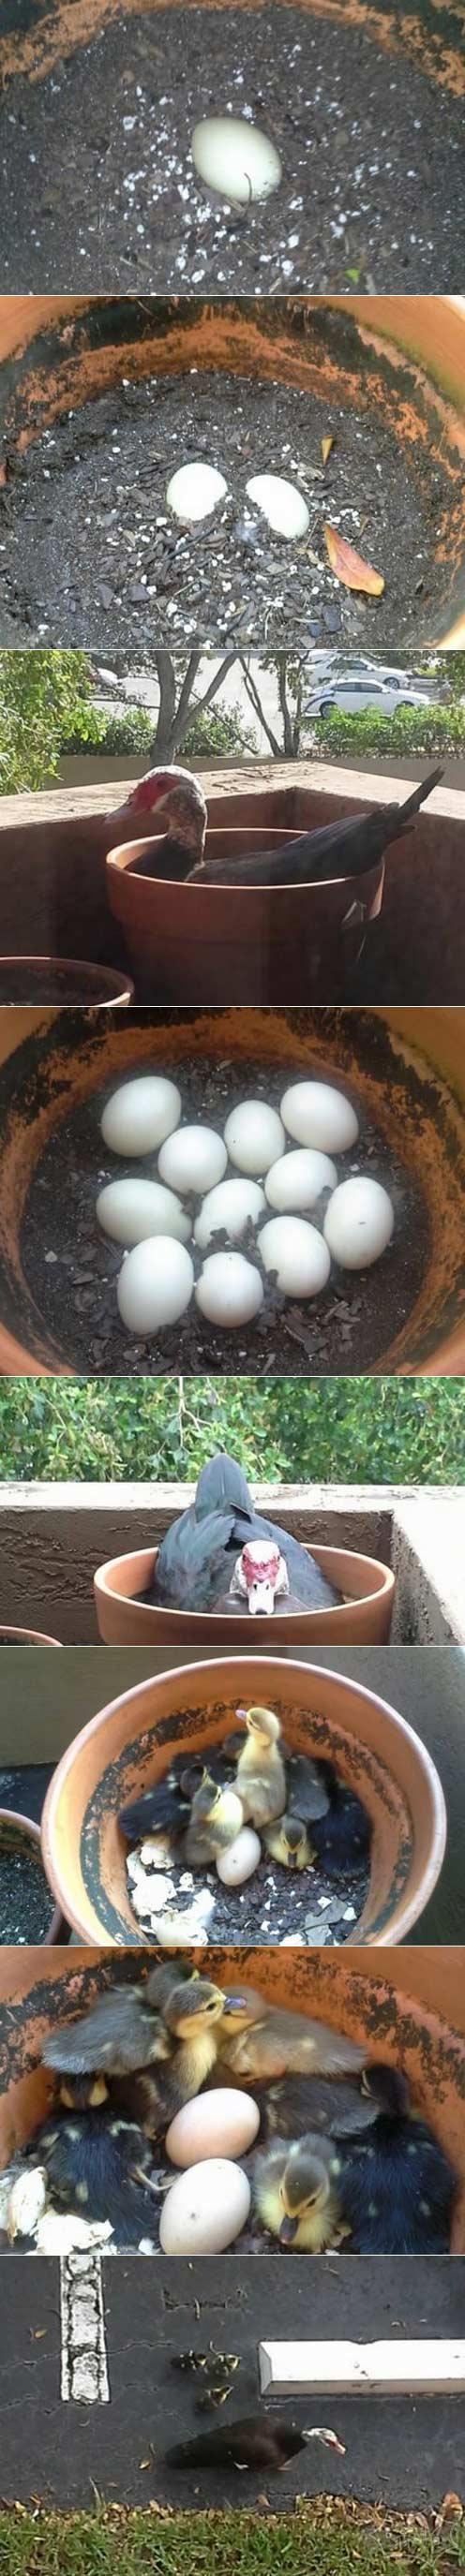 一只鸭子在我家阳台建立一个家庭